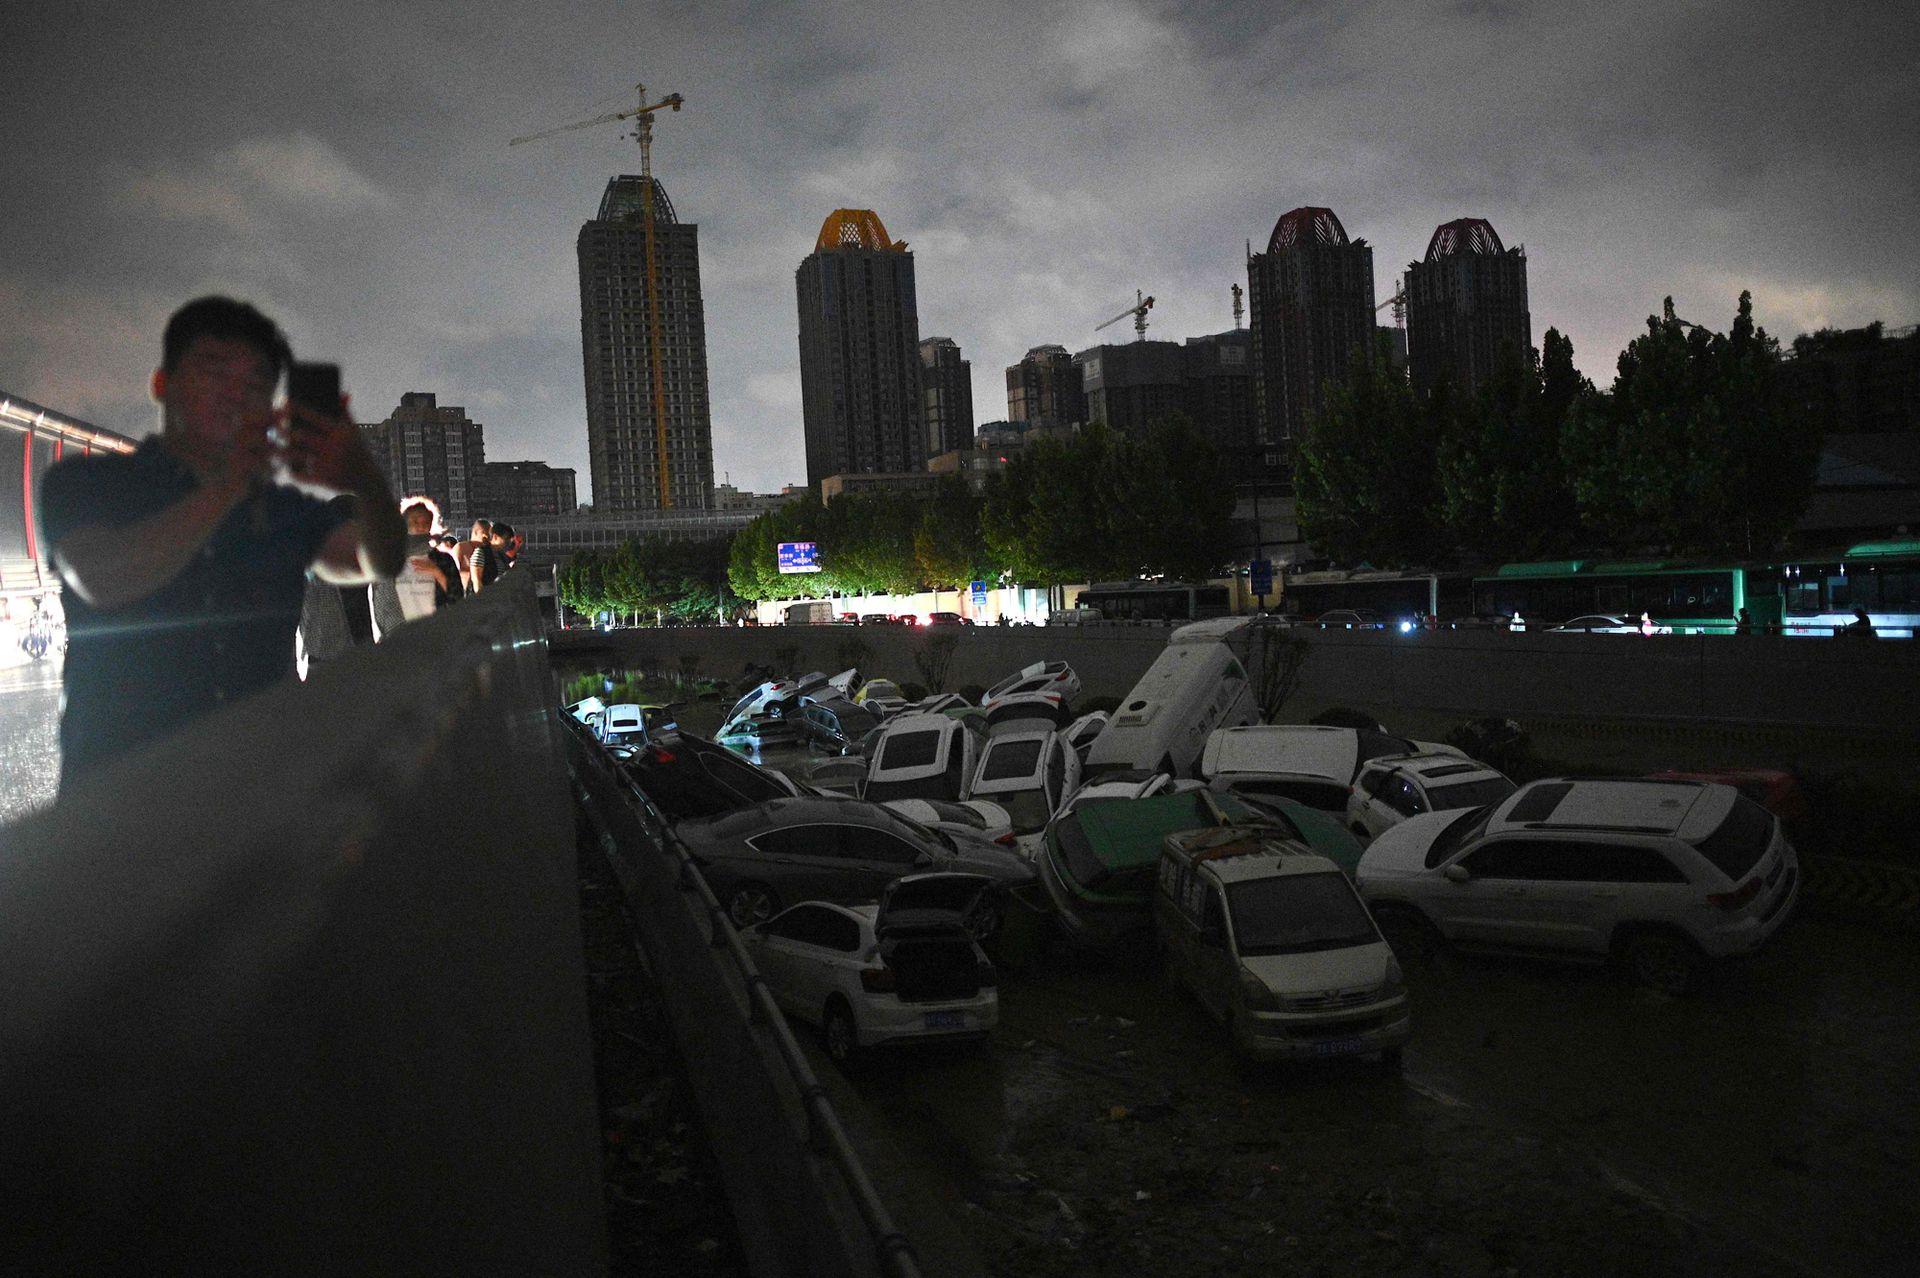 La gente mira los autos sumergidos en un paso subterráneo luego de las fuertes lluvias en Zhengzhou, en la provincia china de Henan